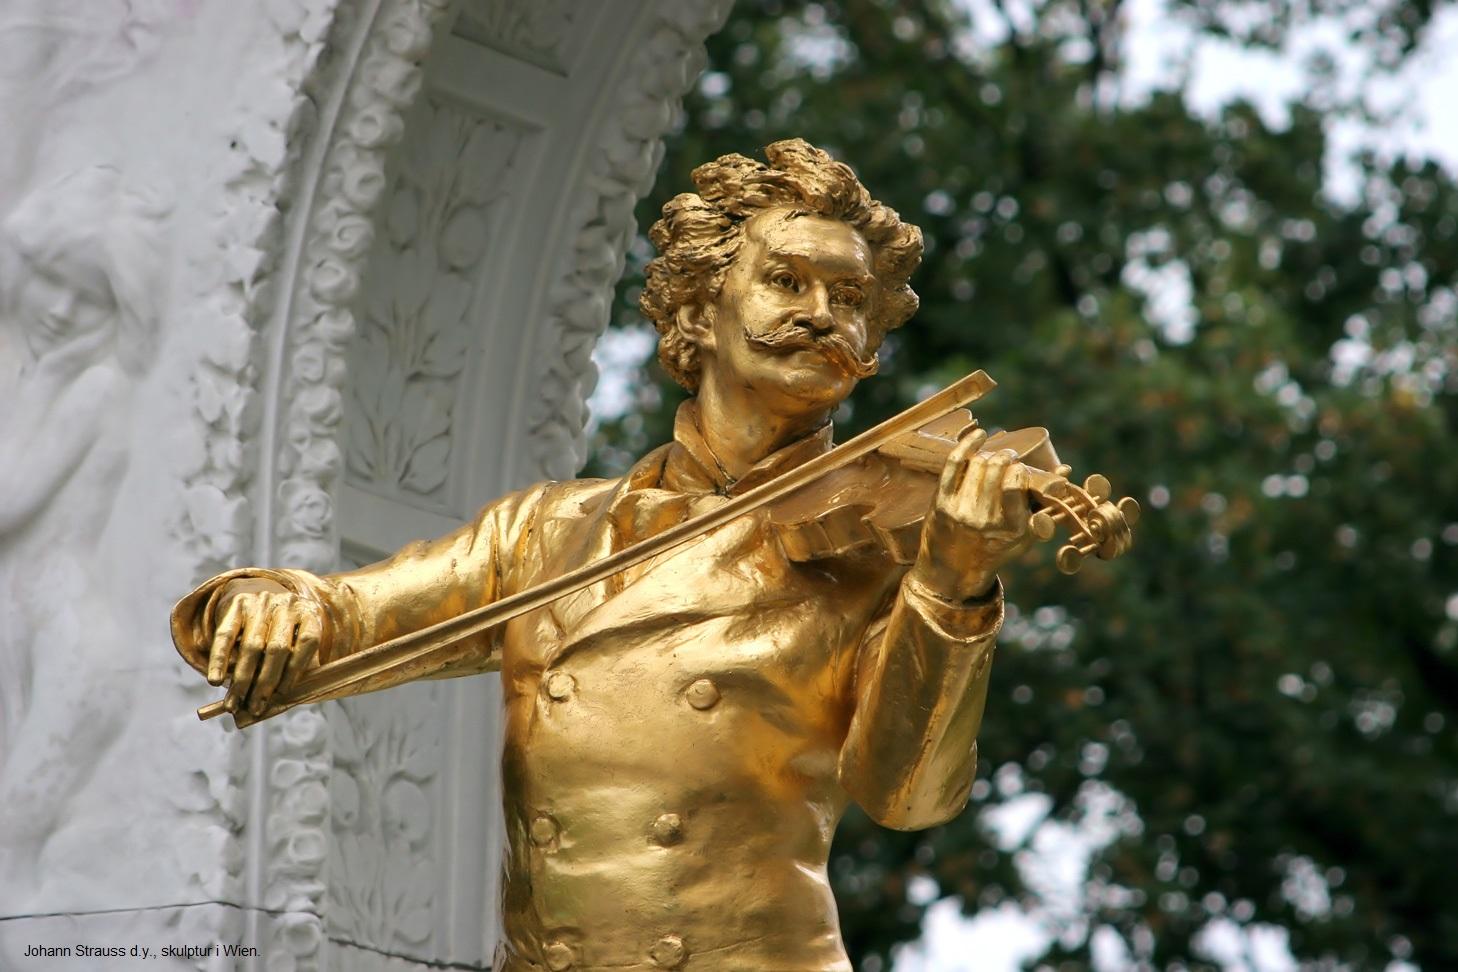 Konsert: Wien, Wien!